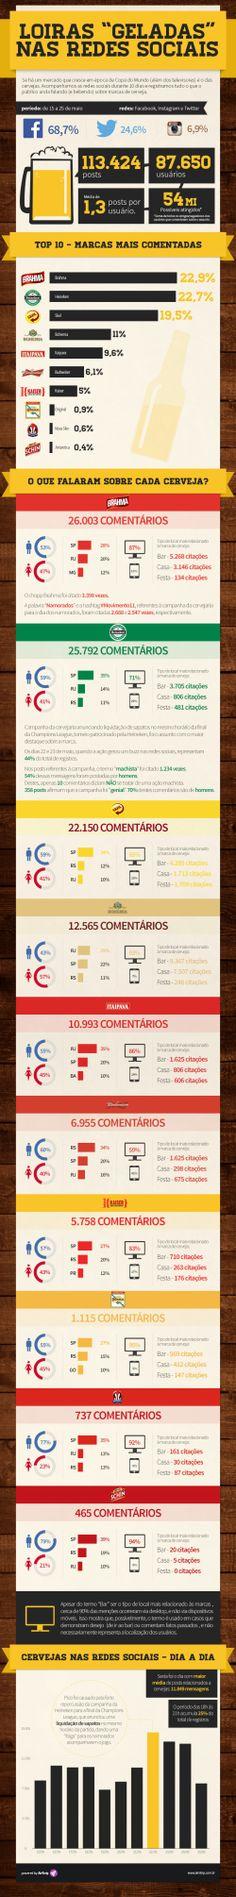 Dados sobre a repercussão das marcas de cerveja nas redes sociais #infográfico #mídias